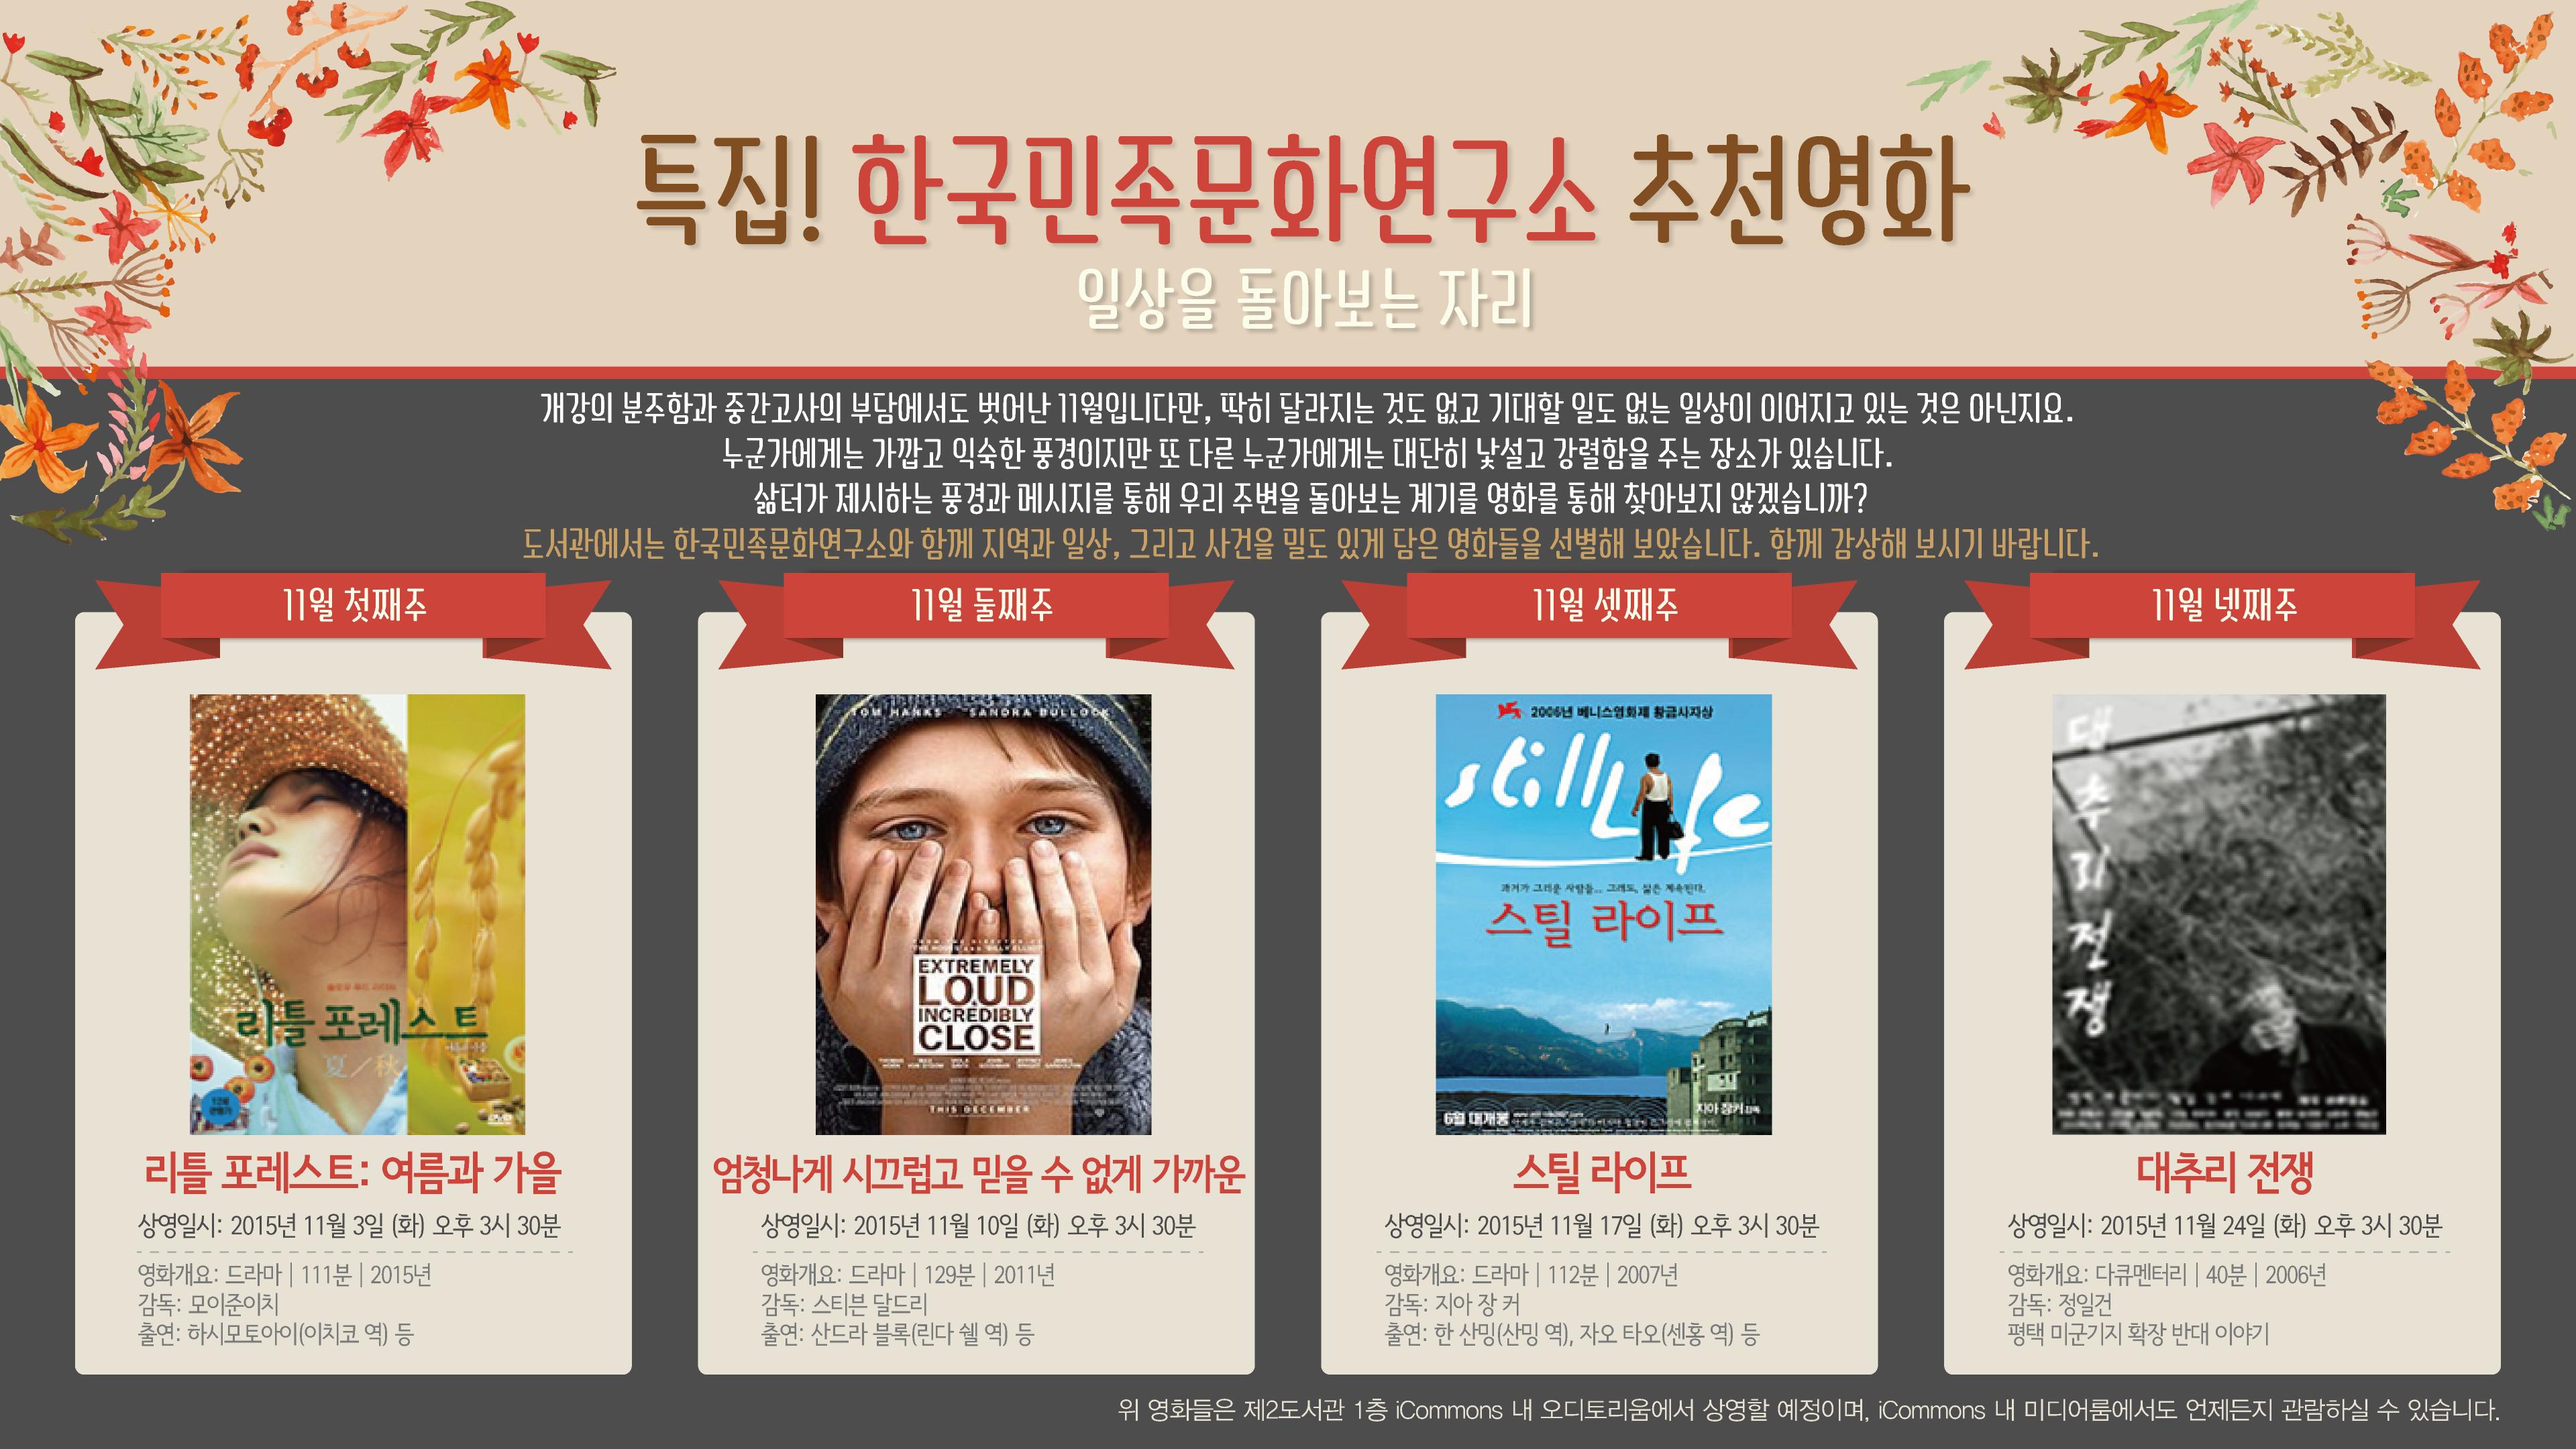 제2도서관 오디토리움 11월 영화상영 안내